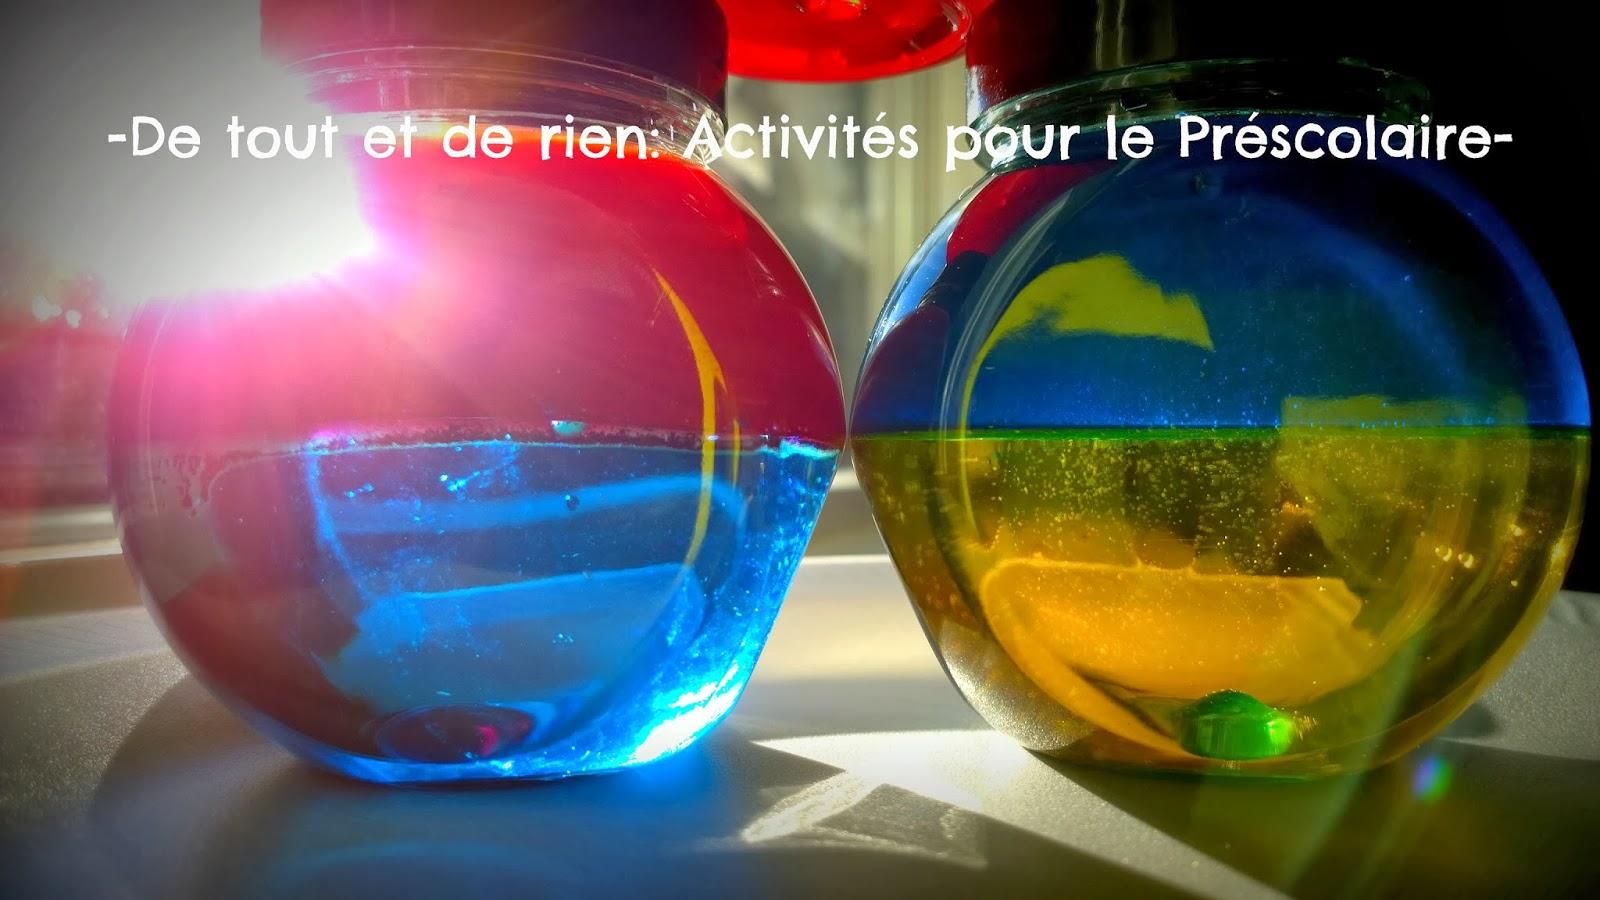 De tout et de rien activit s pour le pr scolaire safe color mixing discovery bottles not using - Colorant pour huile de lin ...